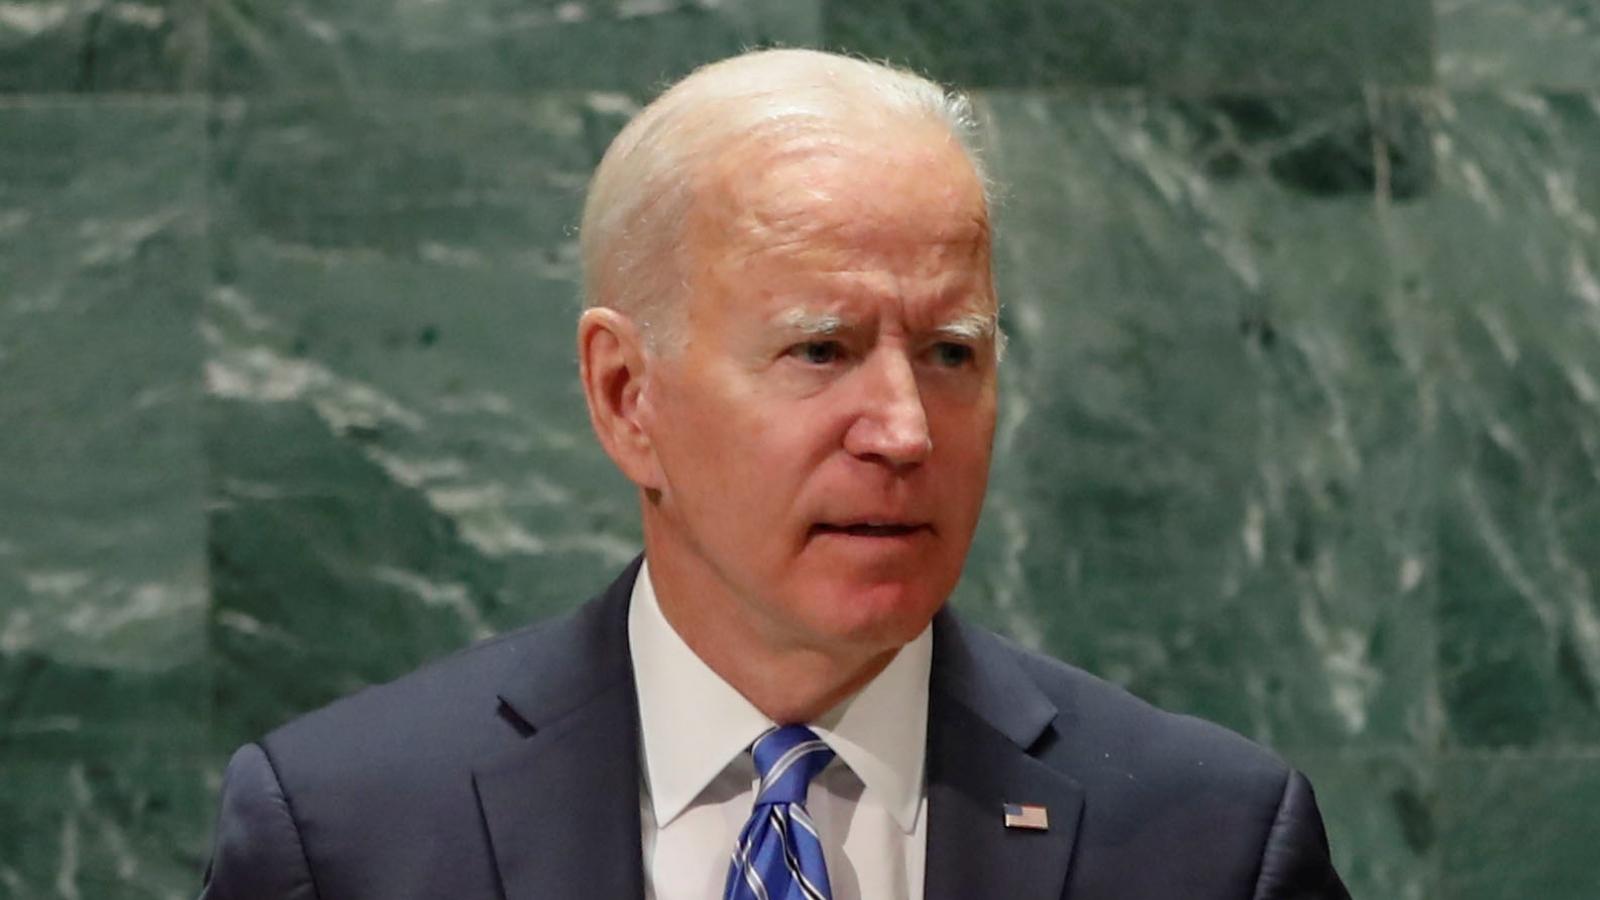 Bài phát biểu đầu tiên của Tổng thống Mỹ Joe Biden trước Đại Hội đồng Liên Hợp Quốc